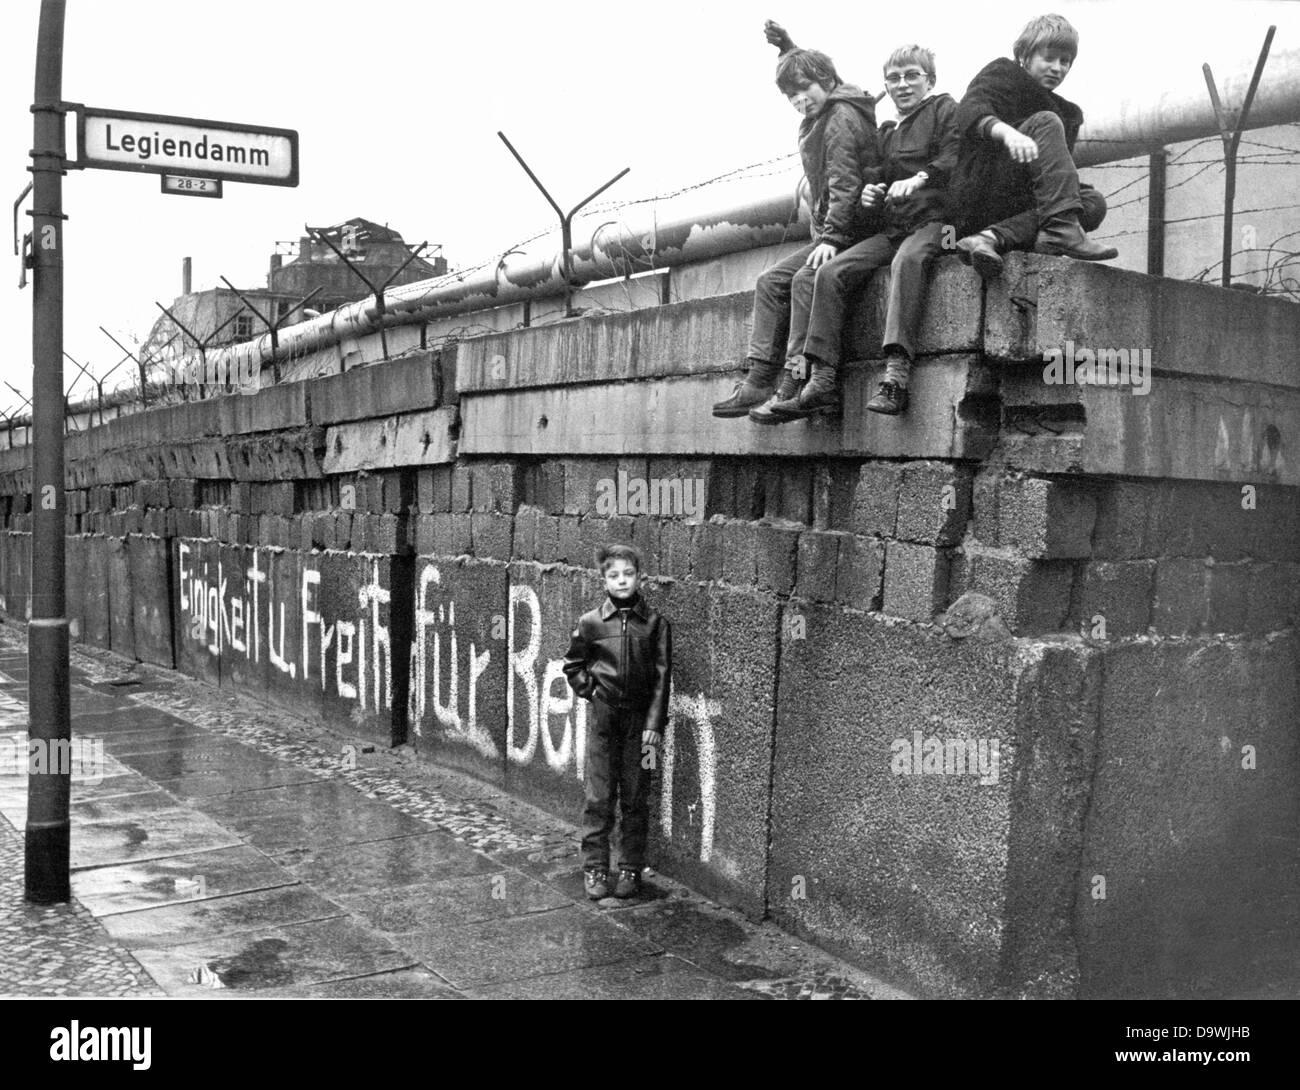 Un grupo de niños se sienta en el muro de Berlín en el 'Legiendamm' en el barrio de Kreuzberg Imagen De Stock